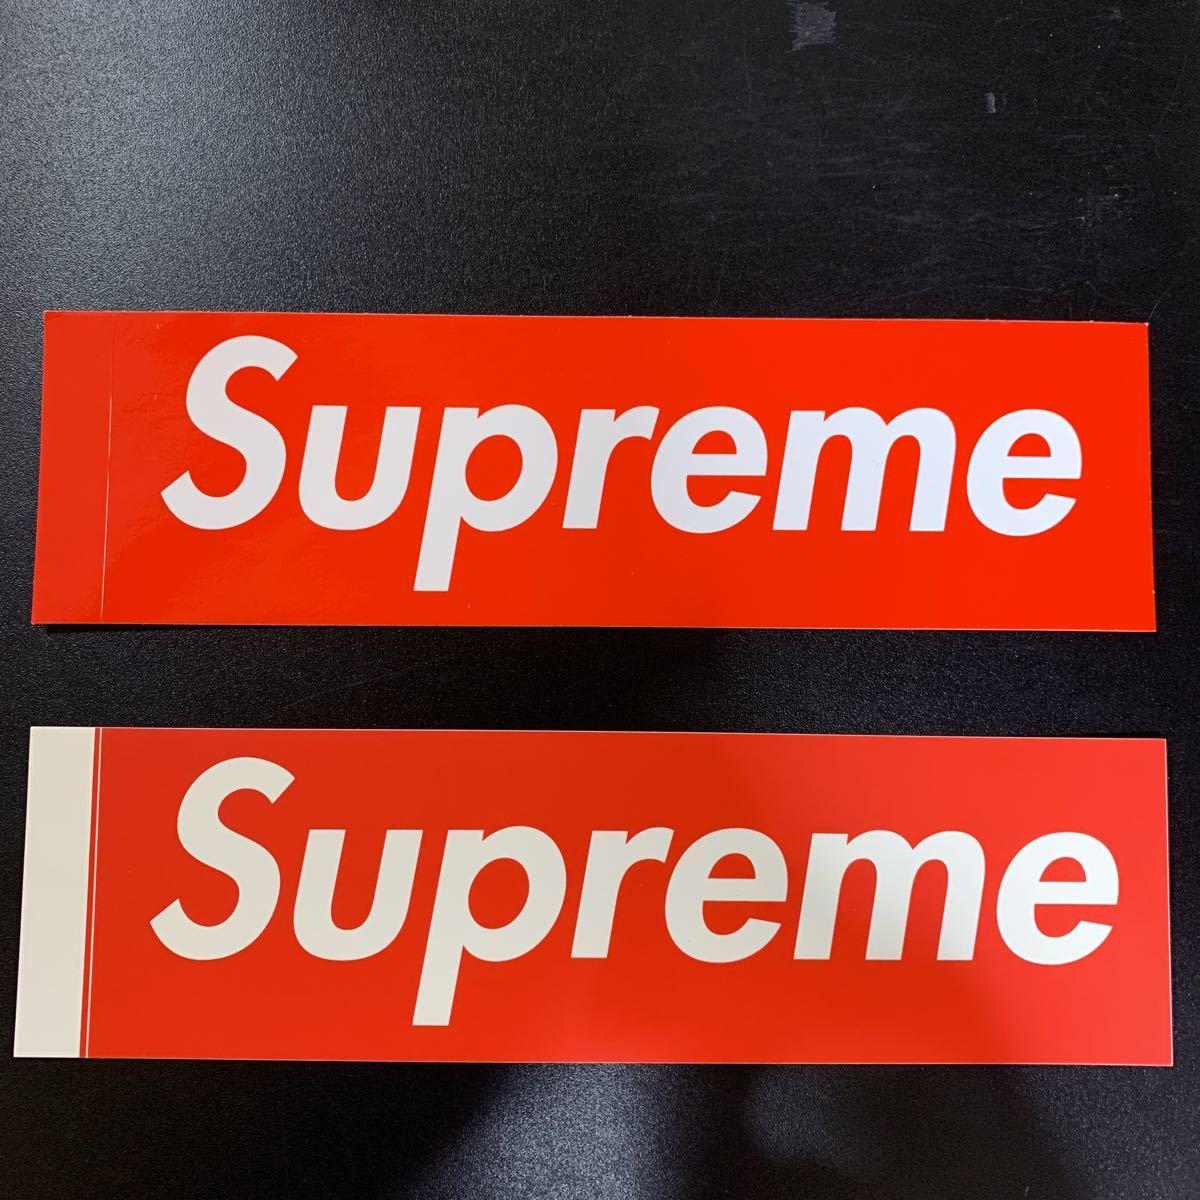 【正規品・新品未使用品】《送料370円》SUPREME 新旧 BOX Logo 2枚セットシュプリーム ボックスロゴ ステッカー _画像1